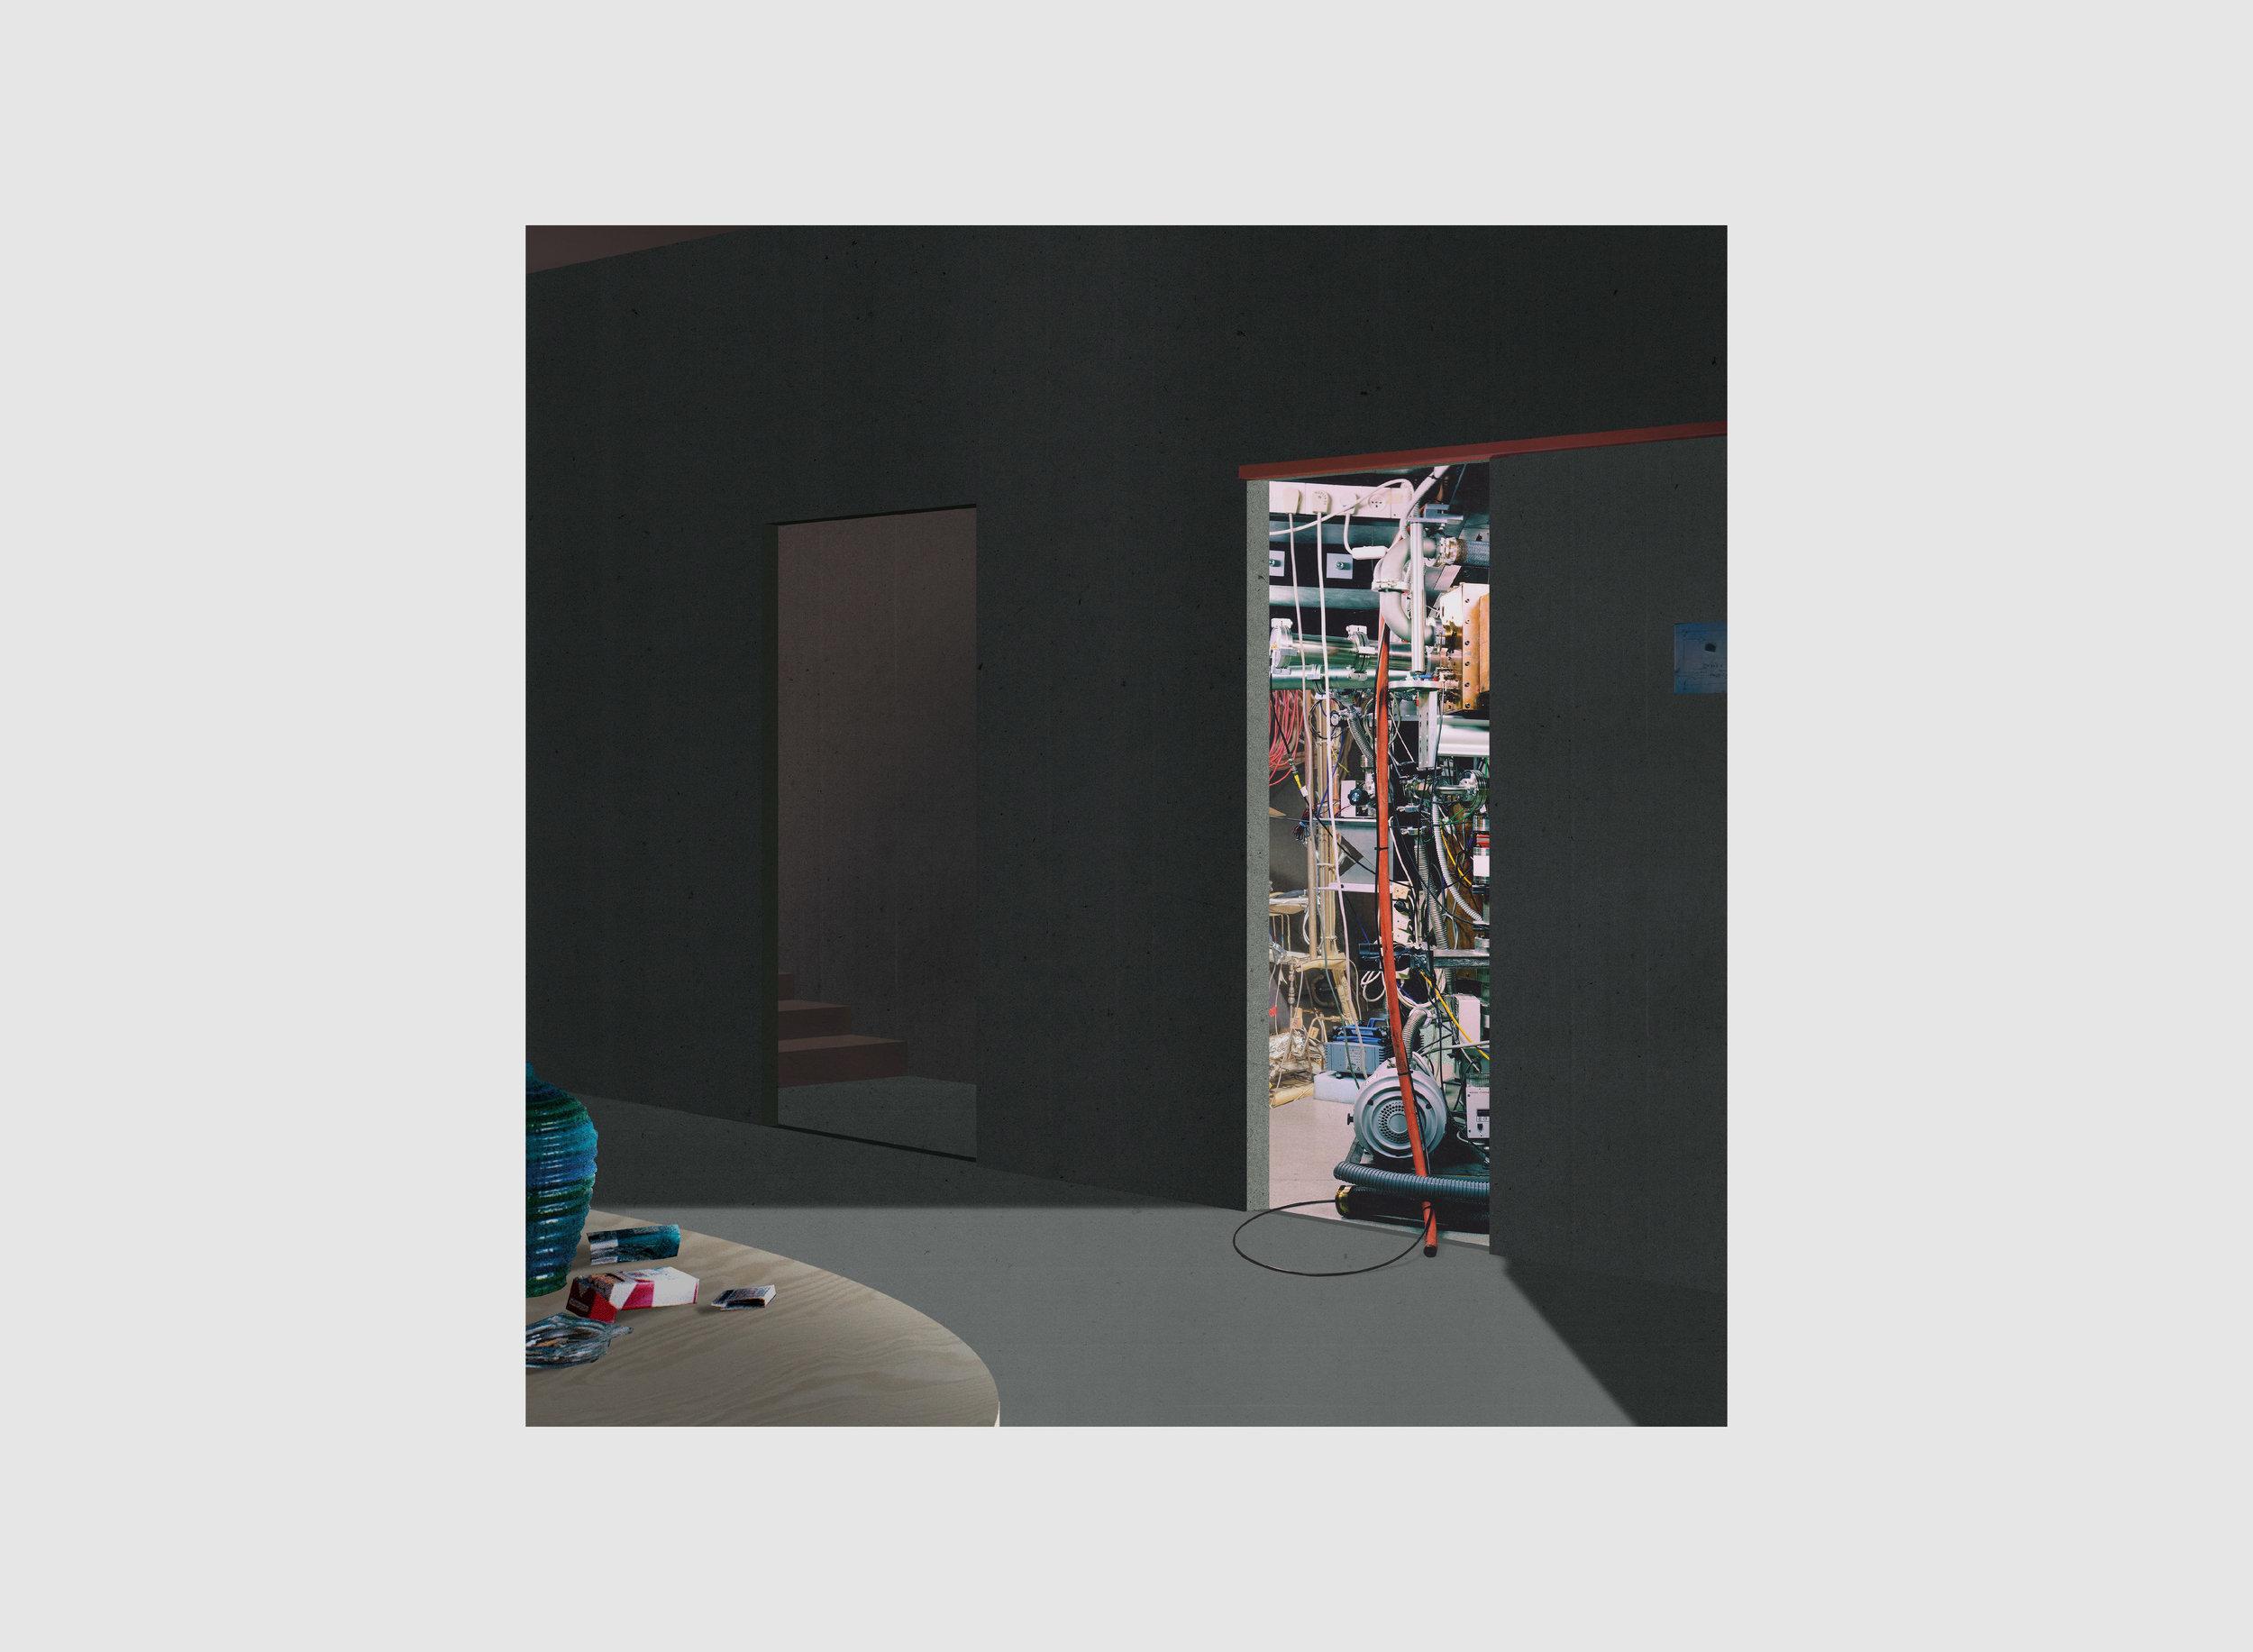 interiorimage-01.jpg